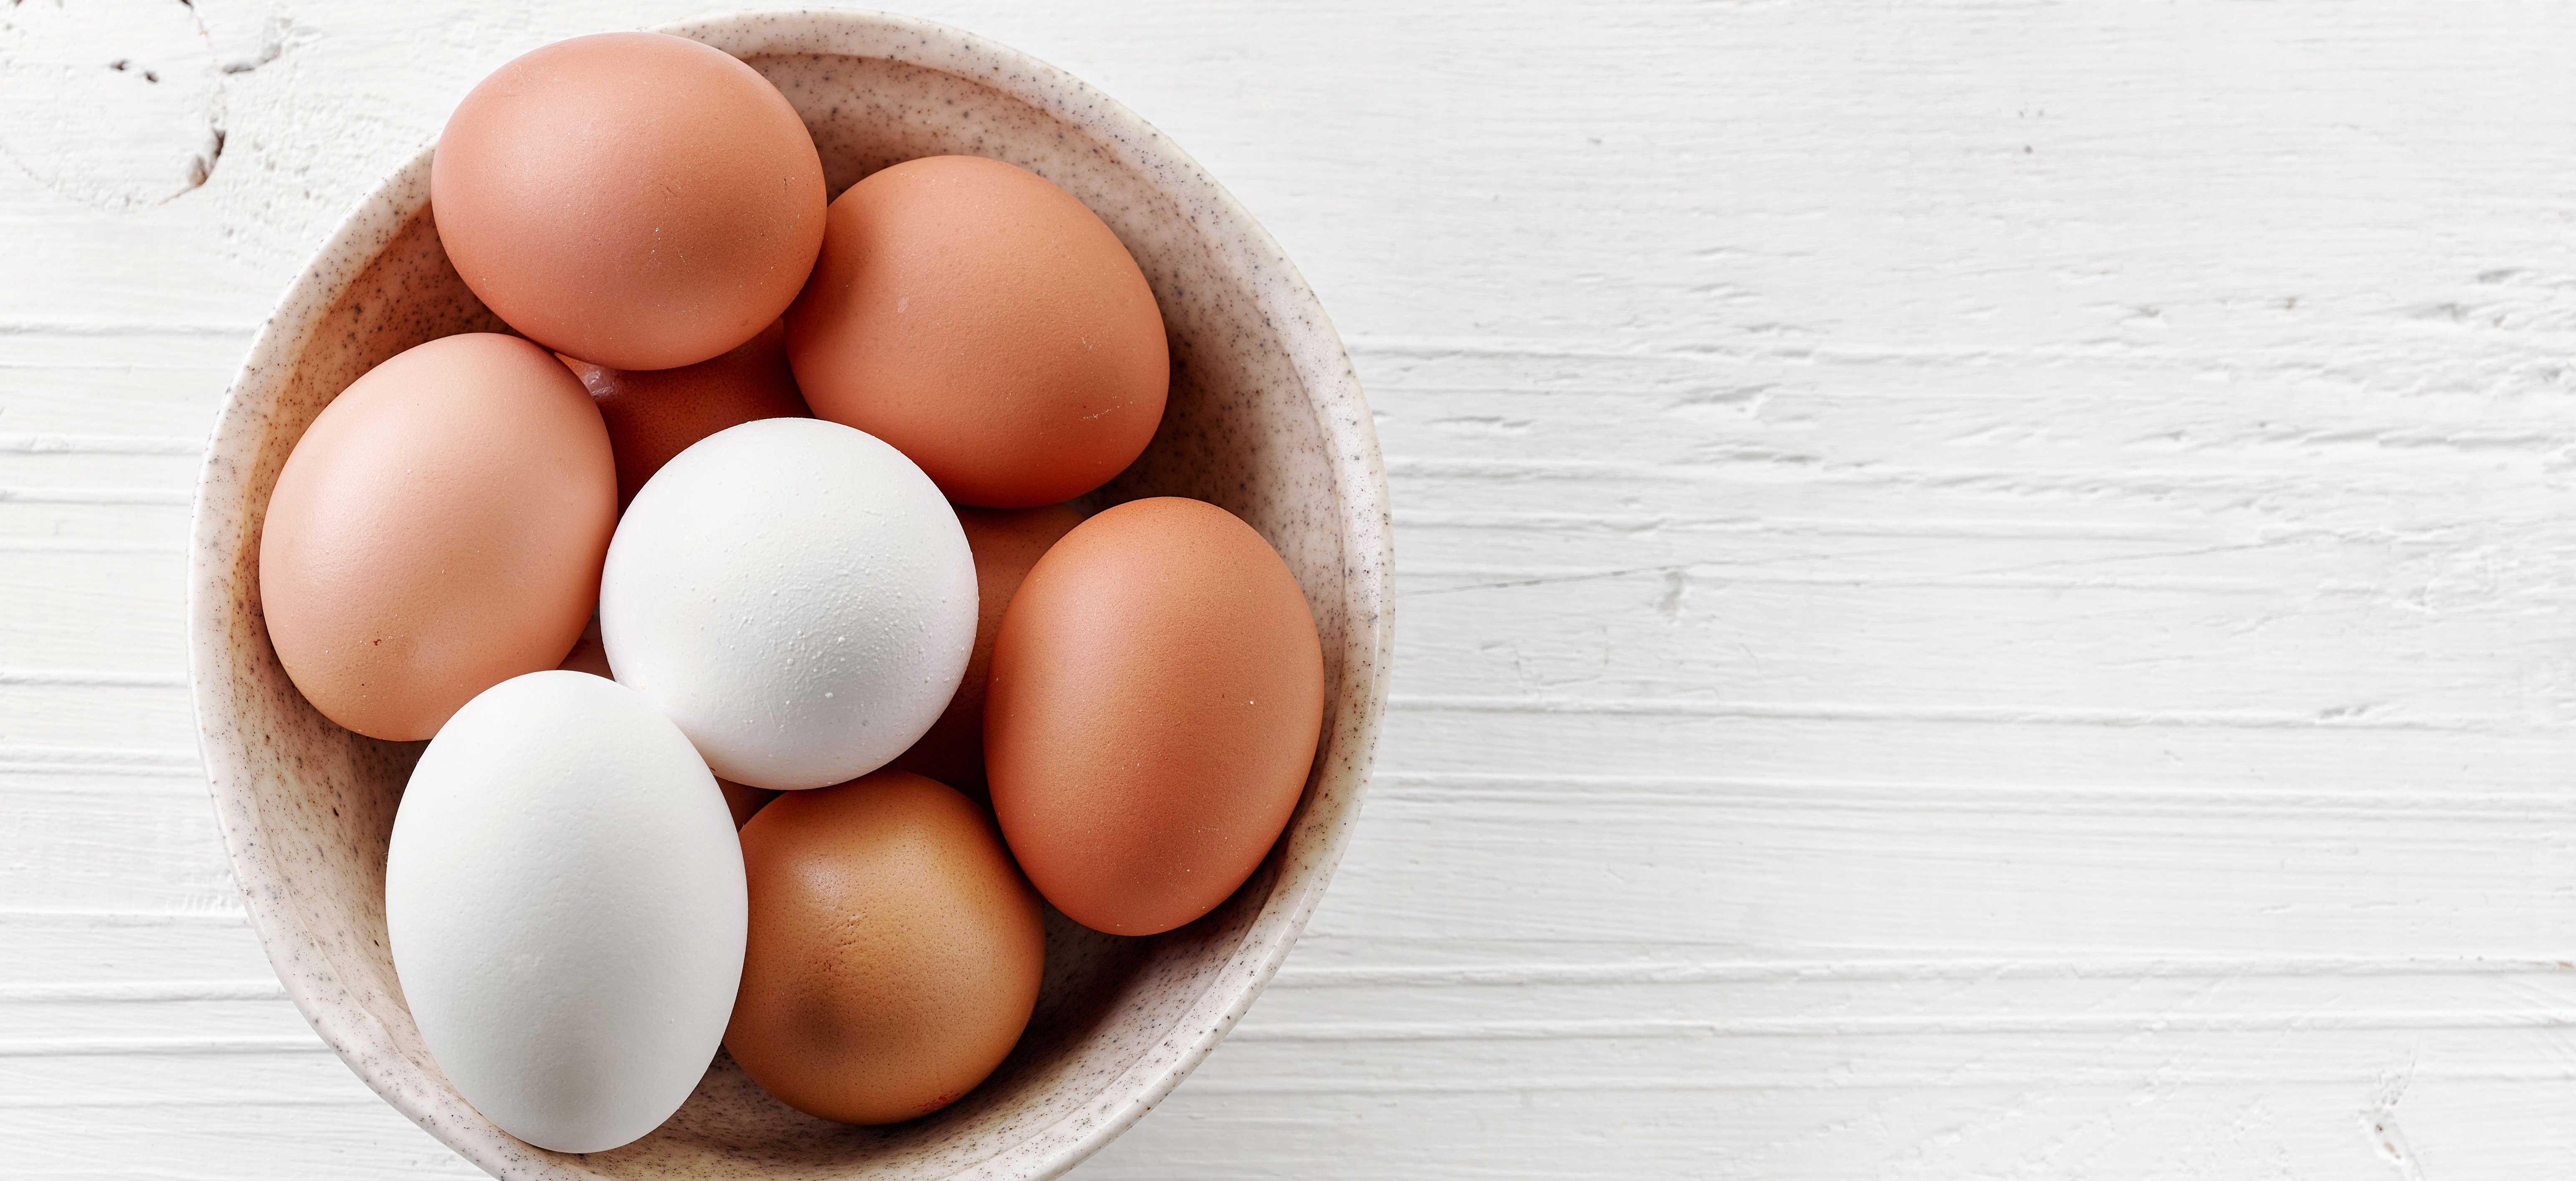 Moet je eieren in de koelkast bewaren?